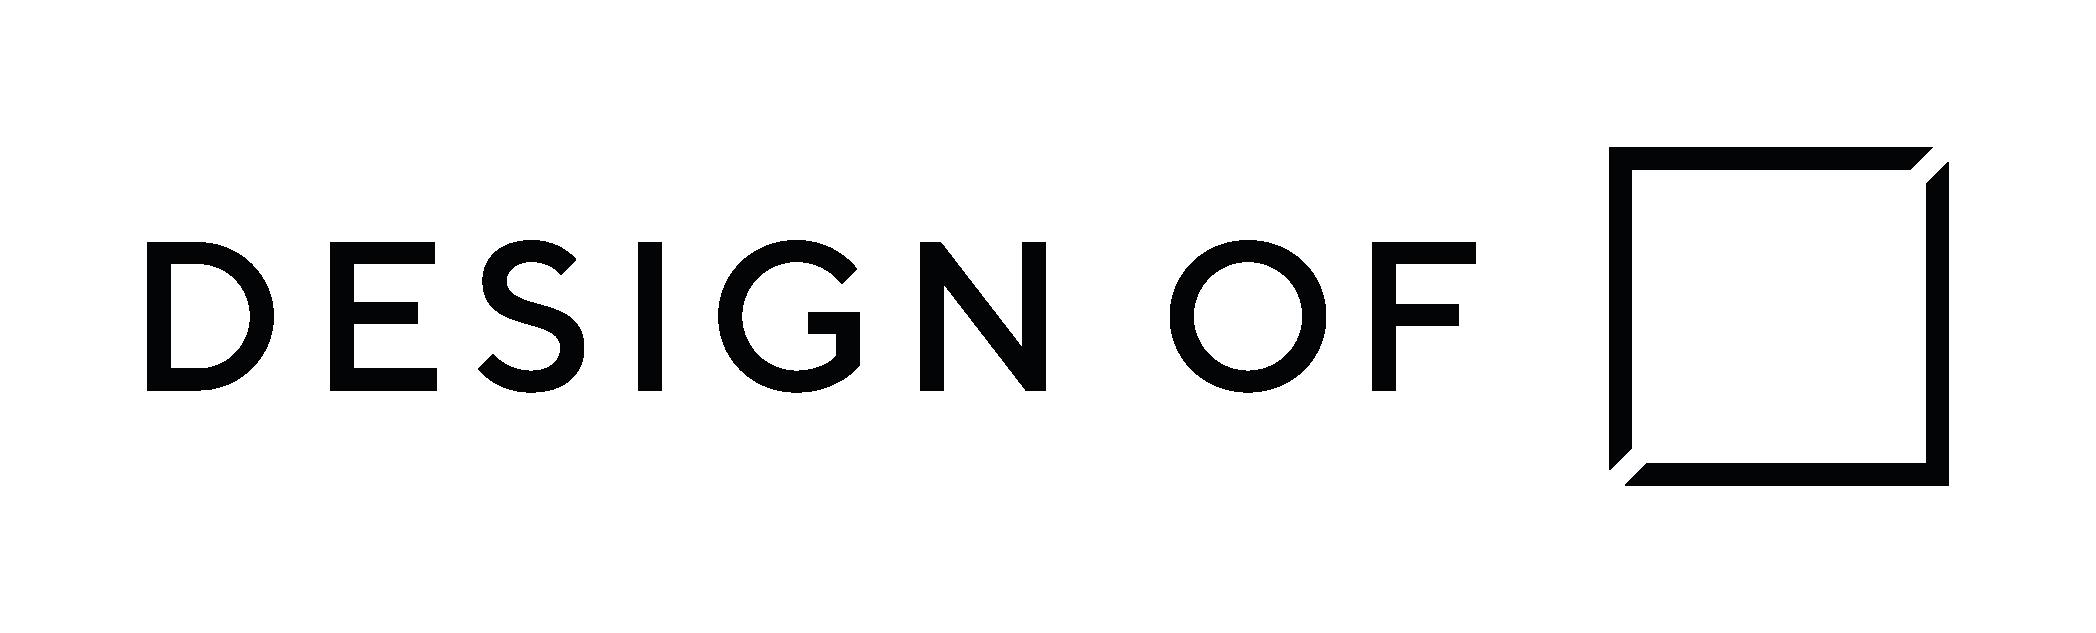 Design Of